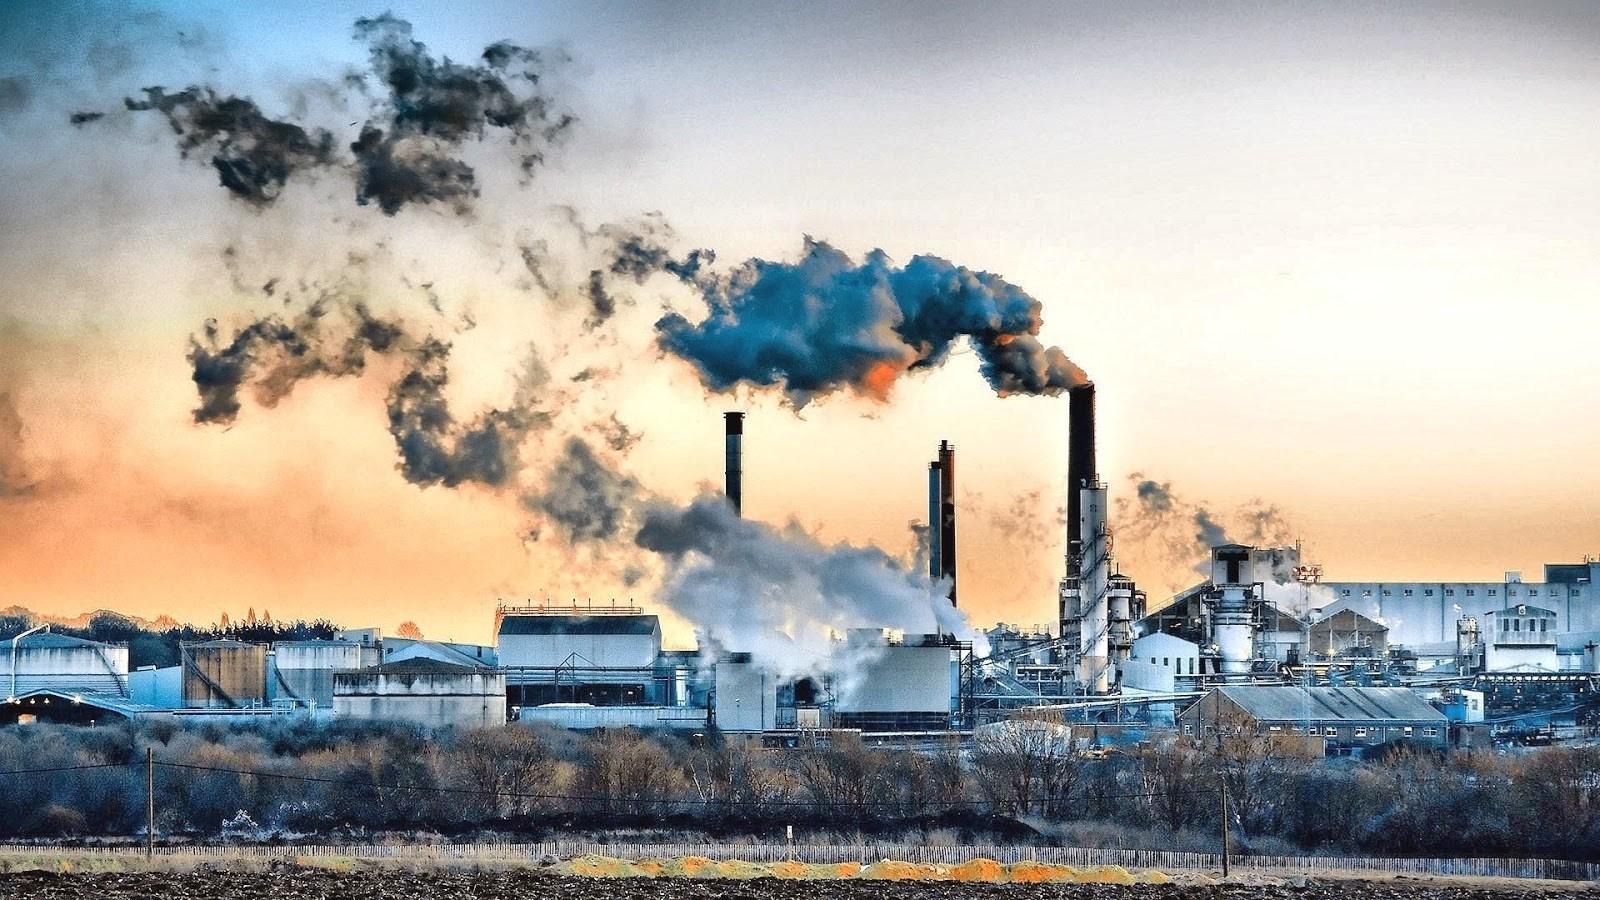 توقعات بانخفاض انبعاثات ثاني أكسيد الكربون بسبب كورونا!